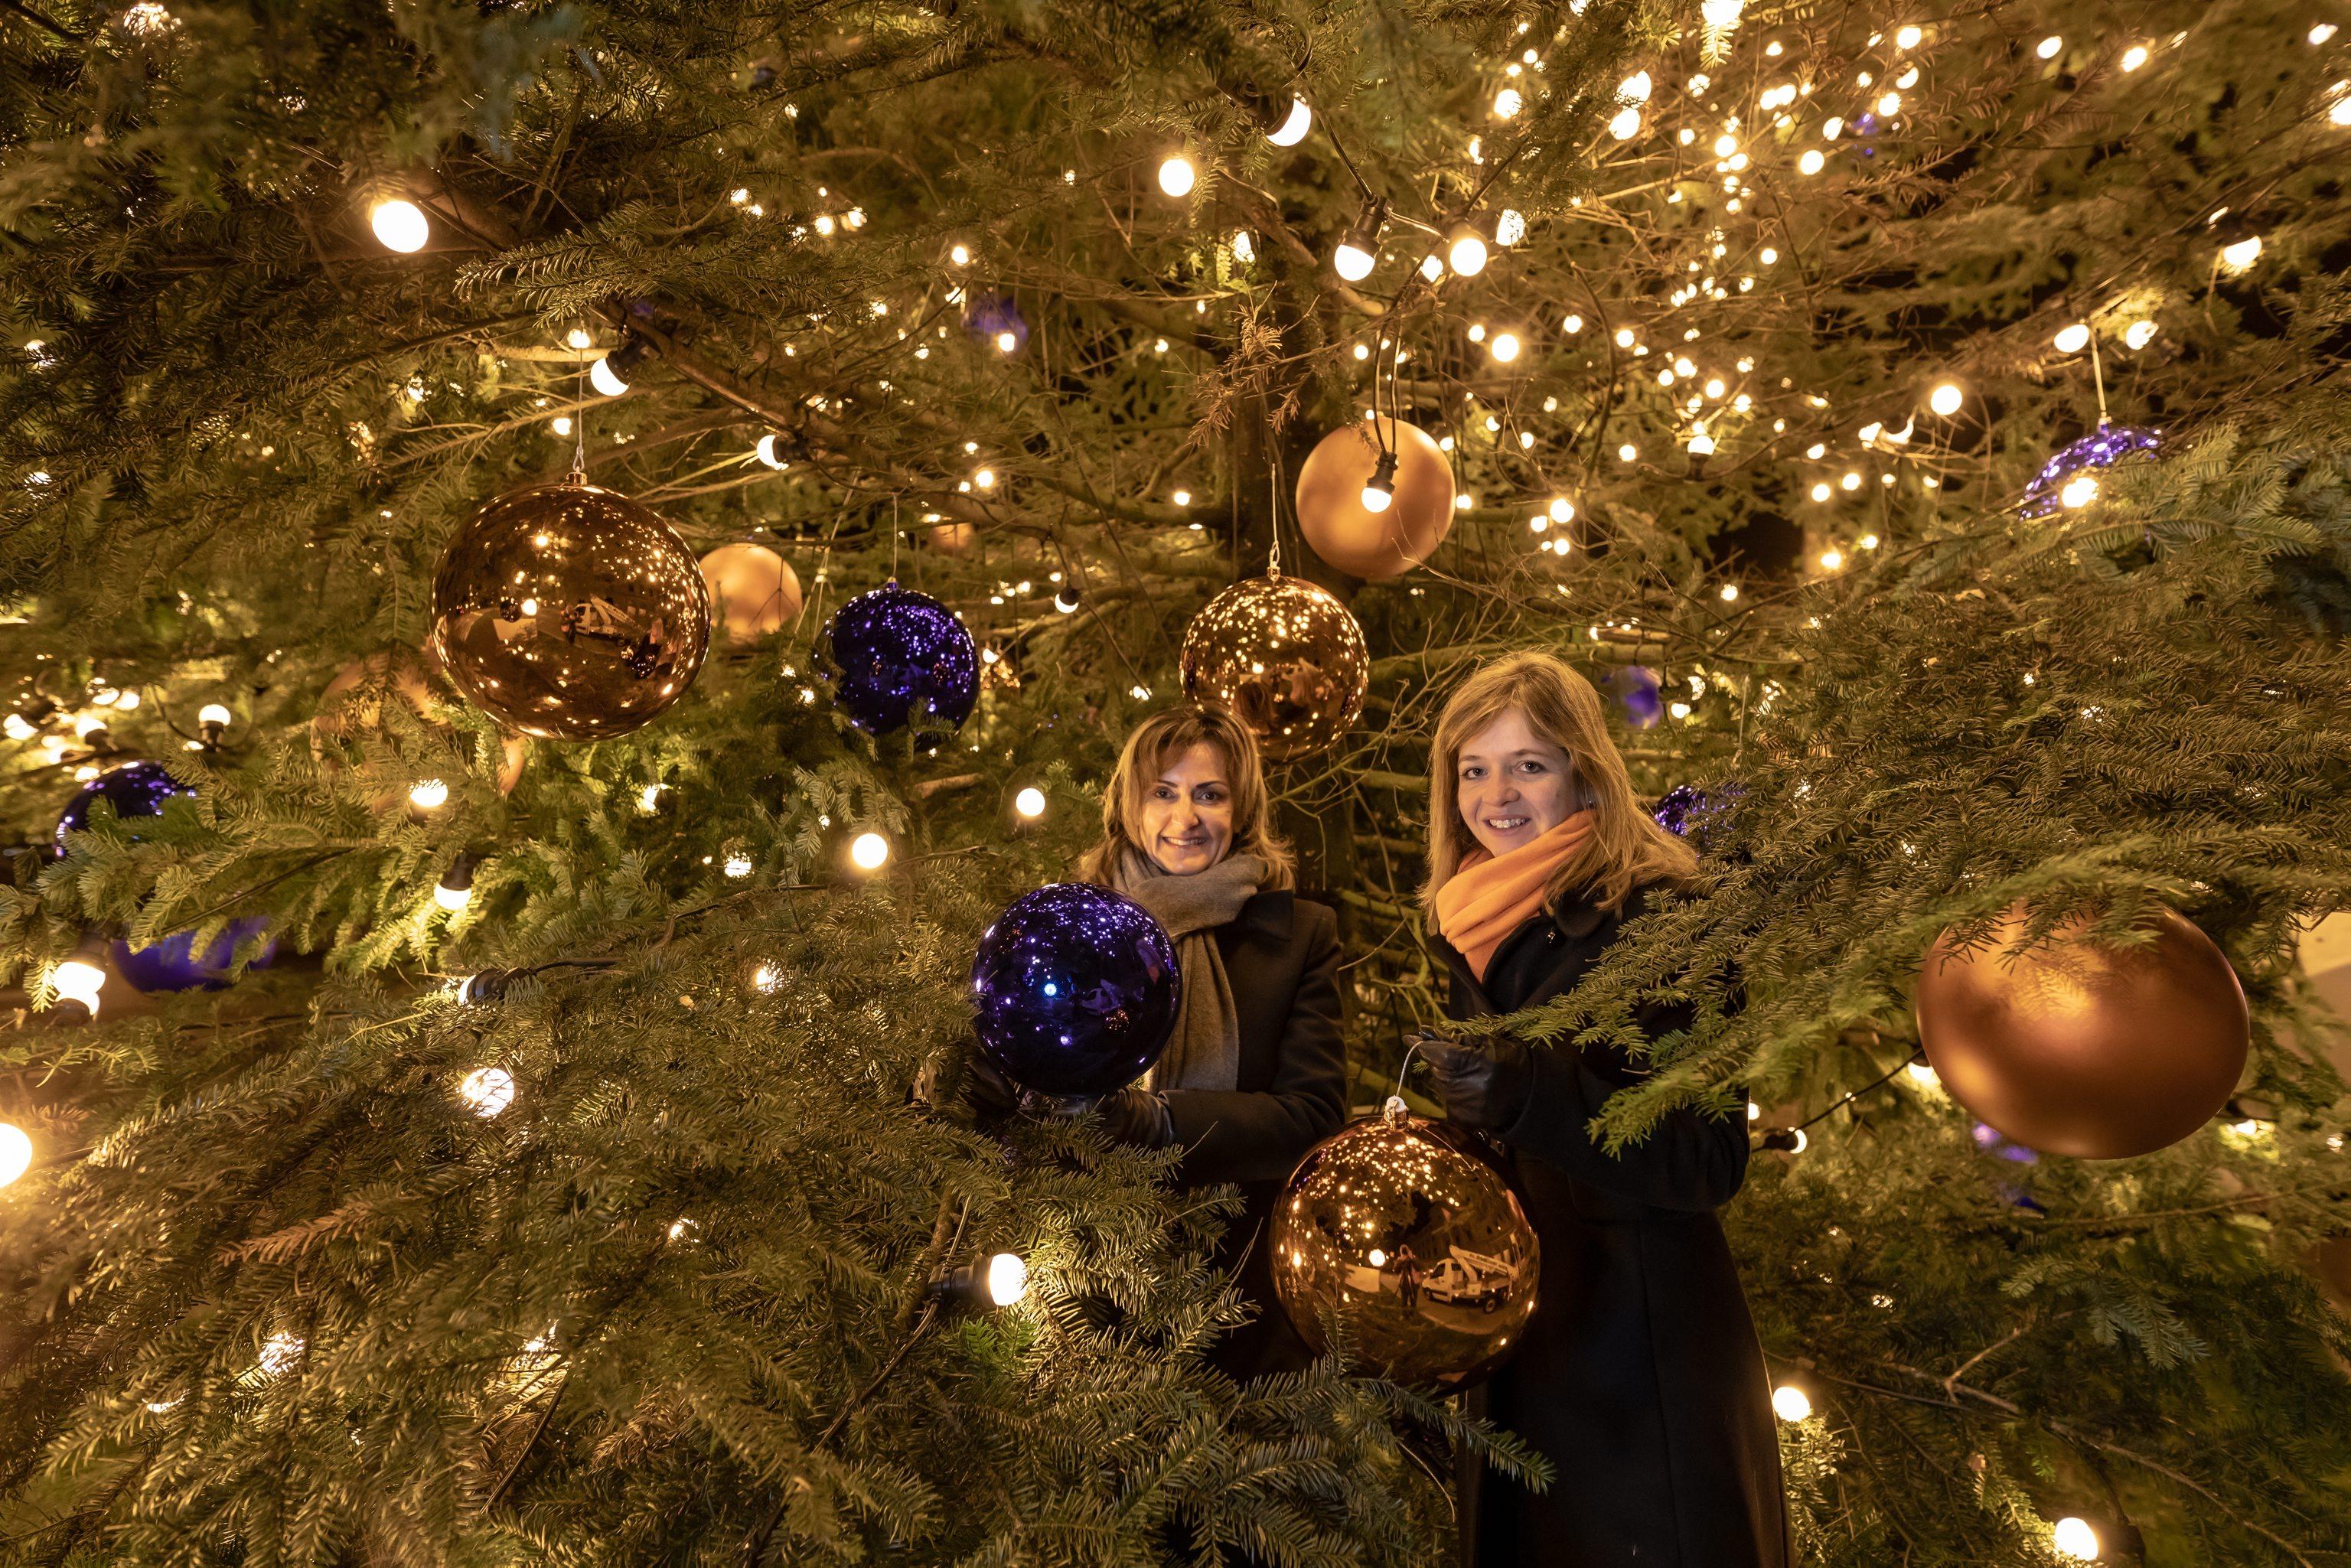 der gr sste luzerner weihnachtsbaum leuchtet wieder ewl. Black Bedroom Furniture Sets. Home Design Ideas